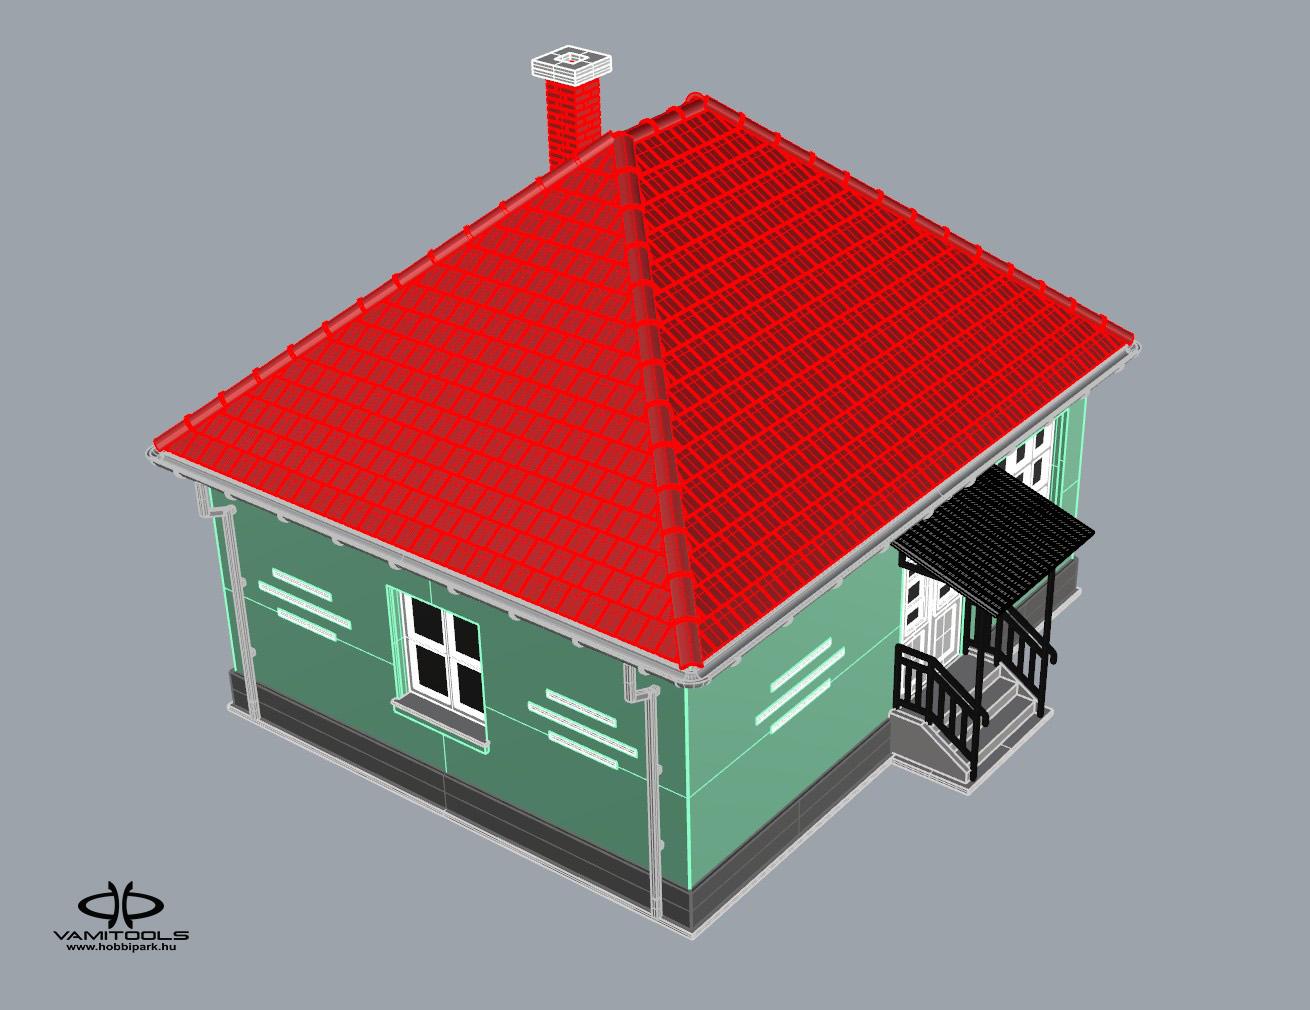 ház, épület, sátortetős ház, kádárkocka, kádár kocka, kockaház, vasútmodell, nyeregtetős ház, nyaraló, családi ház, lakóház, lakás, H0 ház, H0 épület, H0 sátortetős ház, H0 kádárkocka, H0 kádár kocka, H0 kockaház, H0 vasútmodell, H0 nyeregtetős ház, H0 nyaraló, H0 családi ház, H0 lakóház, H0 lakás, 1:87 ház, 1:87 épület, 1:87 sátortetős ház, 1:87 kádárkocka, 1:87 kádár kocka, 1:87 kockaház, 1:87 vasútmodell, 1:87 nyeregtetős ház, 1:87 nyaraló, 1:87 családi ház, 1:87 lakóház, 1:87 lakás, TT ház, TT épület, TT sátortetős ház, TT kádárkocka, TT kádár kocka, TT kockaház, TT vasútmodell, TT nyeregtetős ház, TT nyaraló, TT családi ház, TT lakóház, TT lakás, 1:120 ház, 1:120 épület, 1:120 sátortetős ház, 1:120 kádárkocka, 1:120 kádár kocka, 1:120 kockaház, 1:120 vasútmodell, 1:120 nyeregtetős ház, 1:120 nyaraló, 1:120 családi ház, 1:120 lakóház, 1:120 lakás, N ház, N épület, N sátortetős ház, N kádárkocka, N kádár kocka, N kockaház, N vasútmodell, N nyeregtetős ház, N nyaraló, N családi ház, N lakóház, N lakás, 1:160 ház, 1:160 épület, 1:160 sátortetős ház, 1:160 kádárkocka, 1:160 kádár kocka, 1:160 kockaház, 1:160 vasútmodell, 1:160 nyeregtetős ház, 1:160 nyaraló, 1:160 családi ház, 1:160 lakóház, 1:160 lakás, modell ház, modell épület, modell sátortetős ház, modell kádárkocka, modell kádár kocka, modell kockaház, modell vasútmodell, modell nyeregtetős ház, modell nyaraló, modell családi ház, modell lakóház, modell lakás, makett ház, makett épület, makett sátortetős ház, makett kádárkocka, makett kádár kocka, makett kockaház, makett vasútmodell, makett nyeregtetős ház, makett nyaraló, makett családi ház, makett lakóház, makett lakás